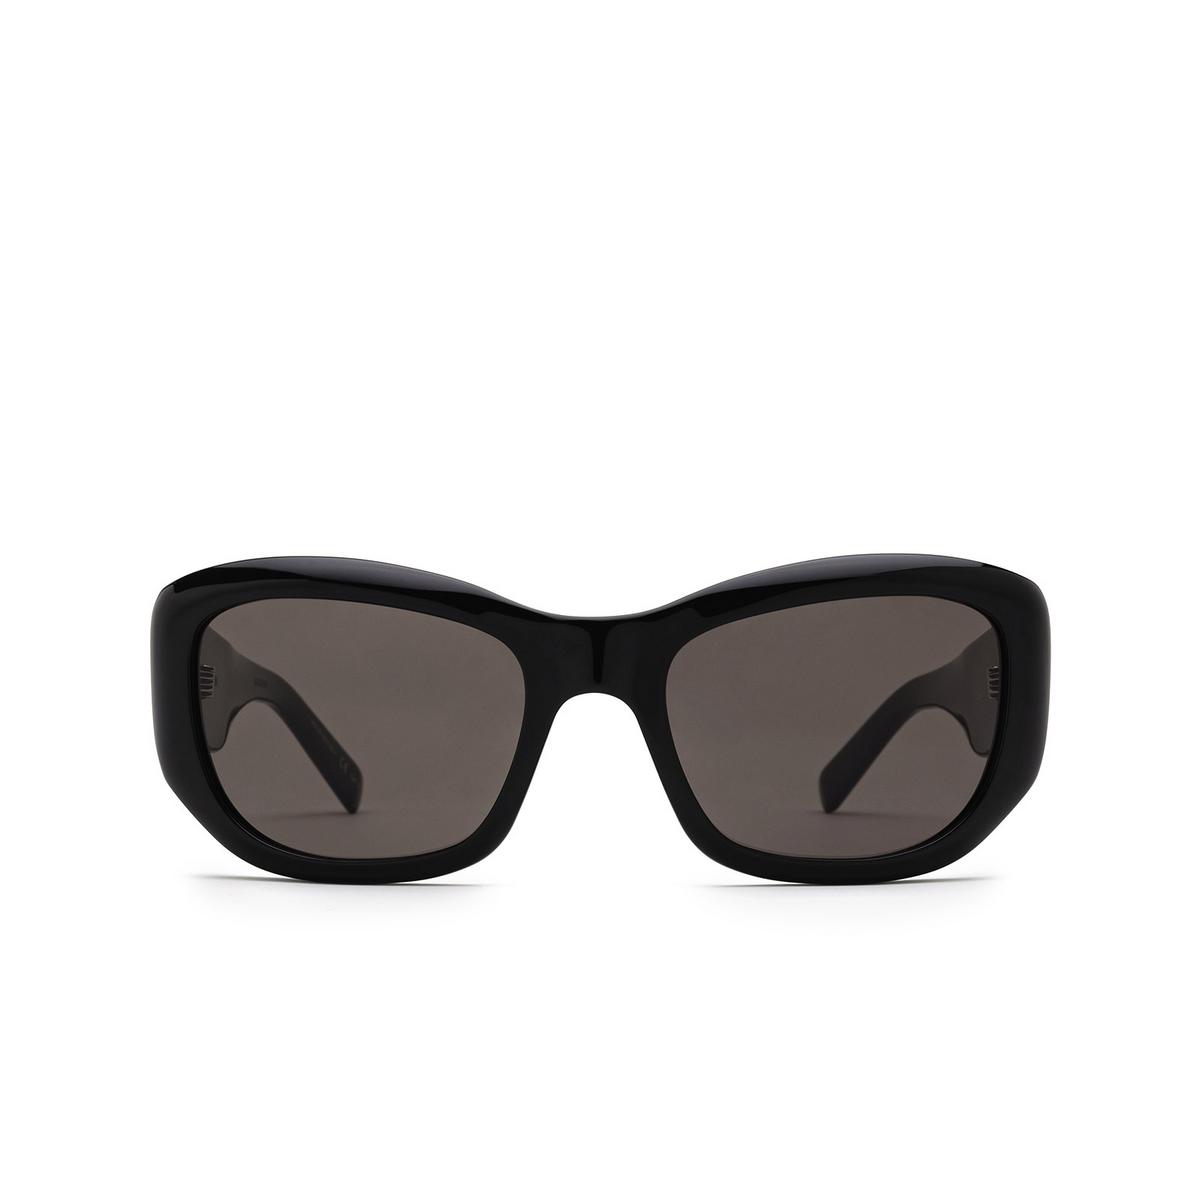 Saint Laurent® Rectangle Sunglasses: SL 498 color Black 001 - front view.